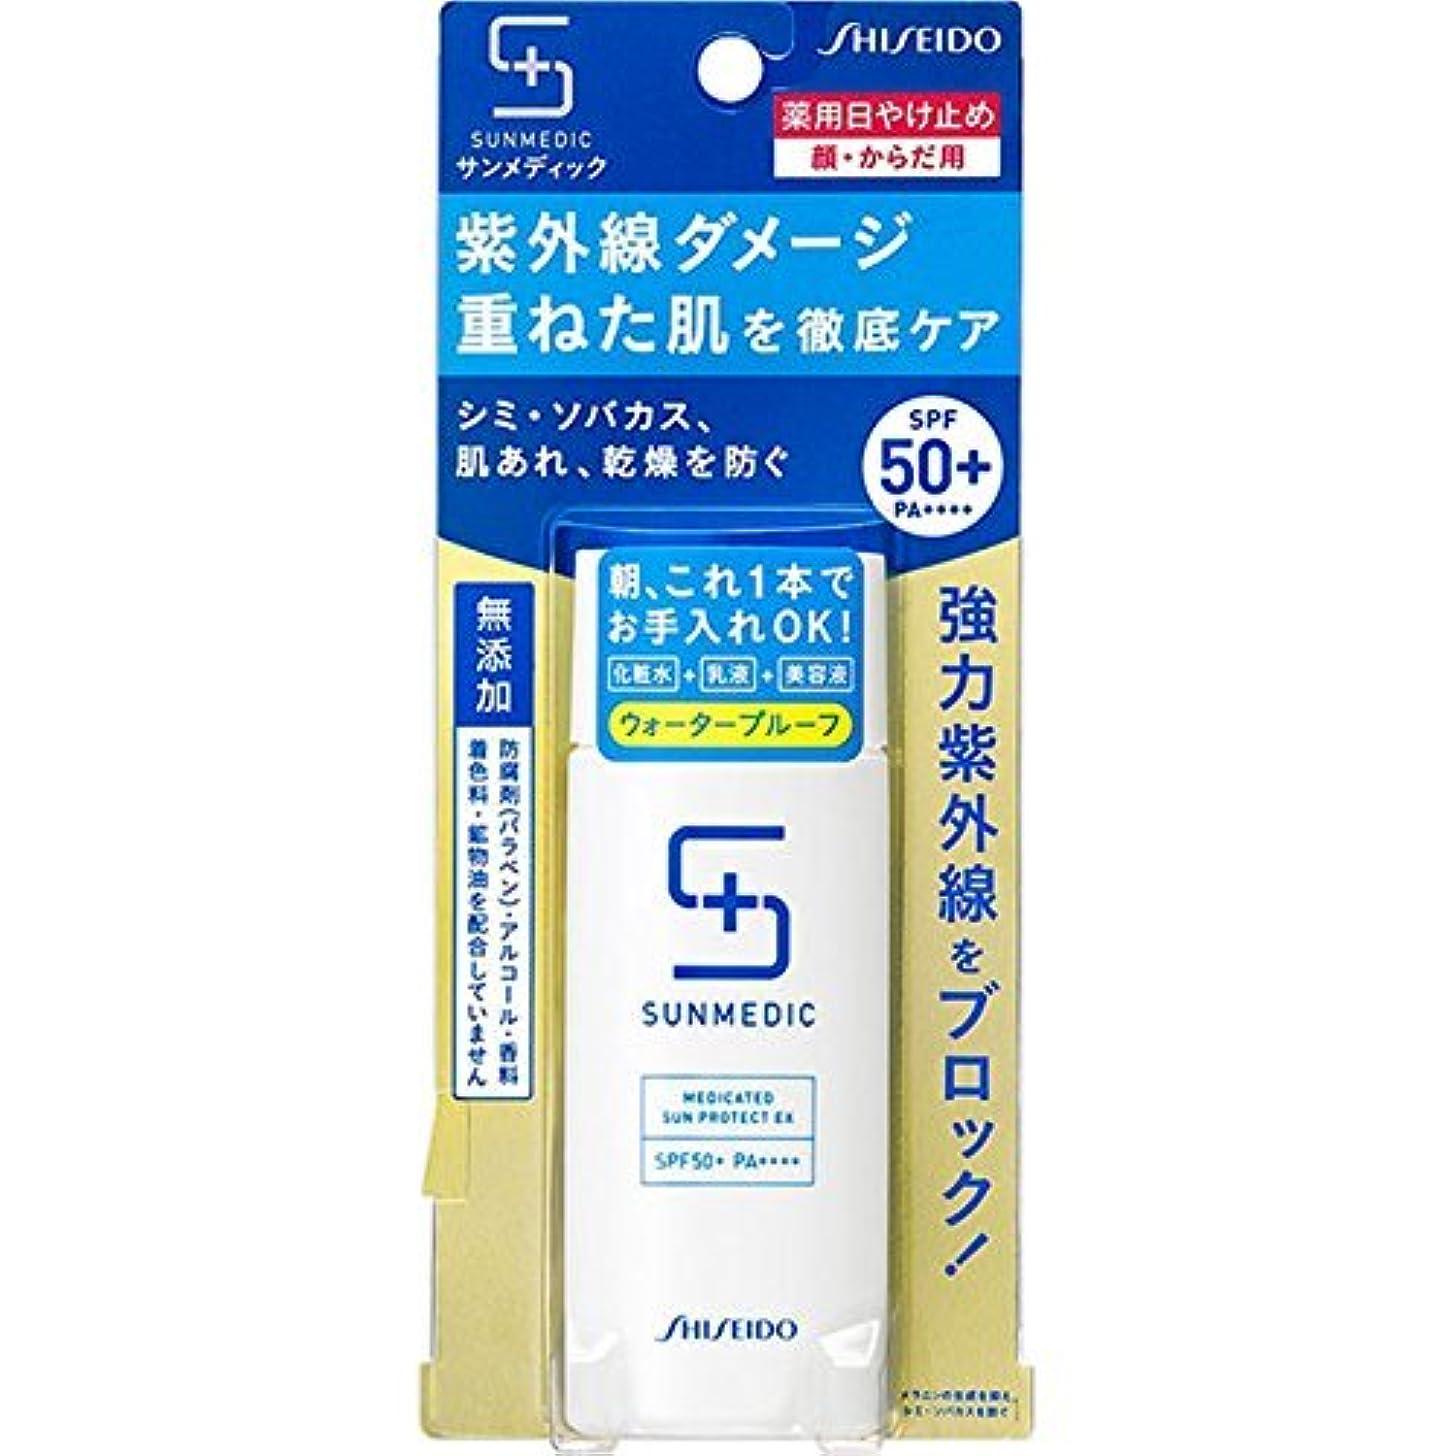 ヘッジ瞬時に定刻MK サンメディックUV 薬用サンプロテクトEX 50mL (医薬部外品)